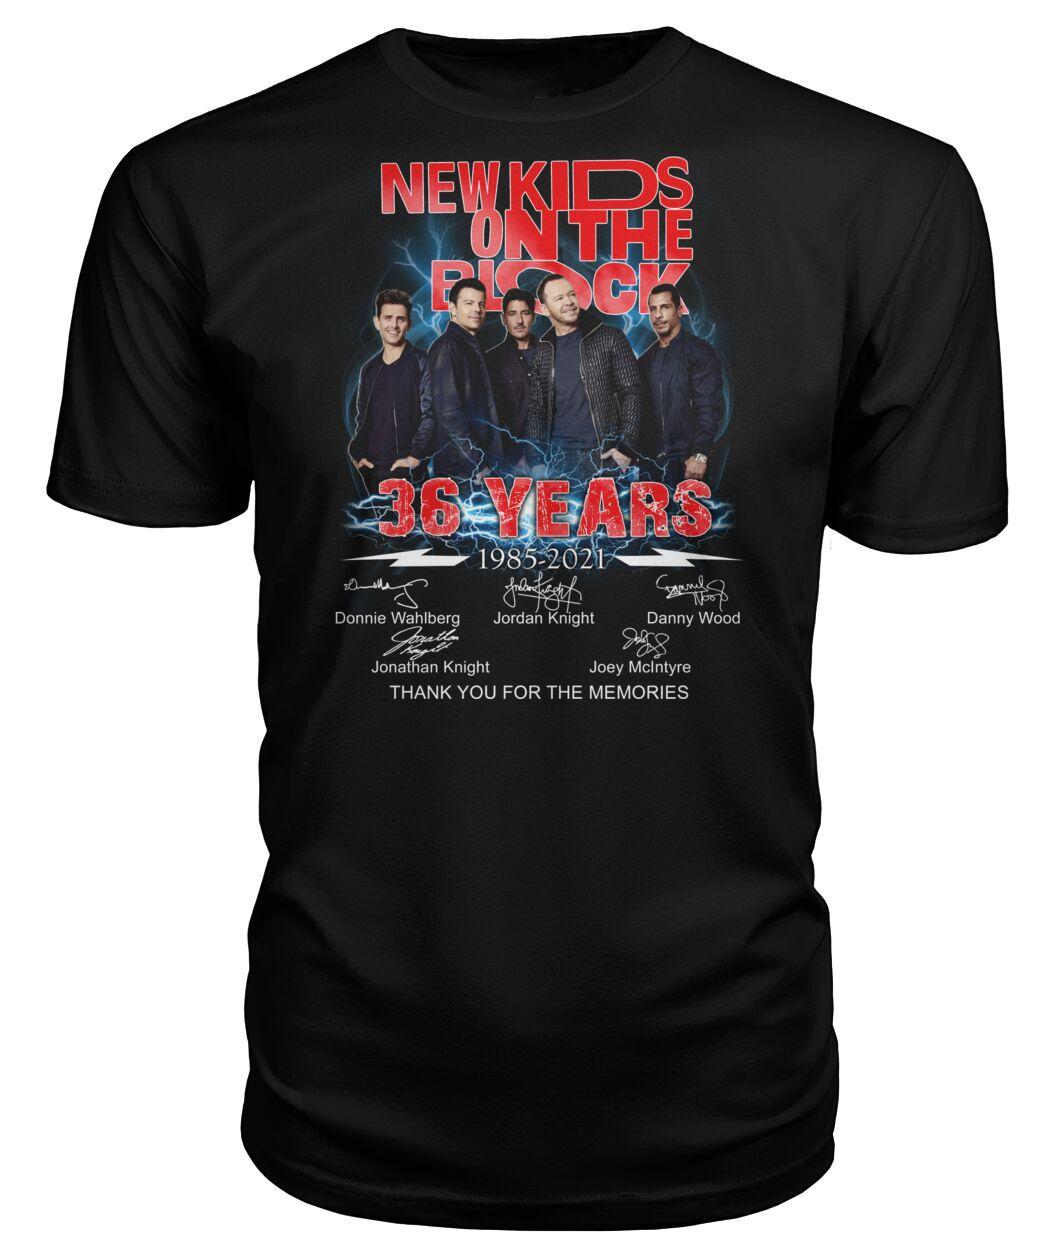 New Kids On The Block 36 Years 1985 2021 Shirt